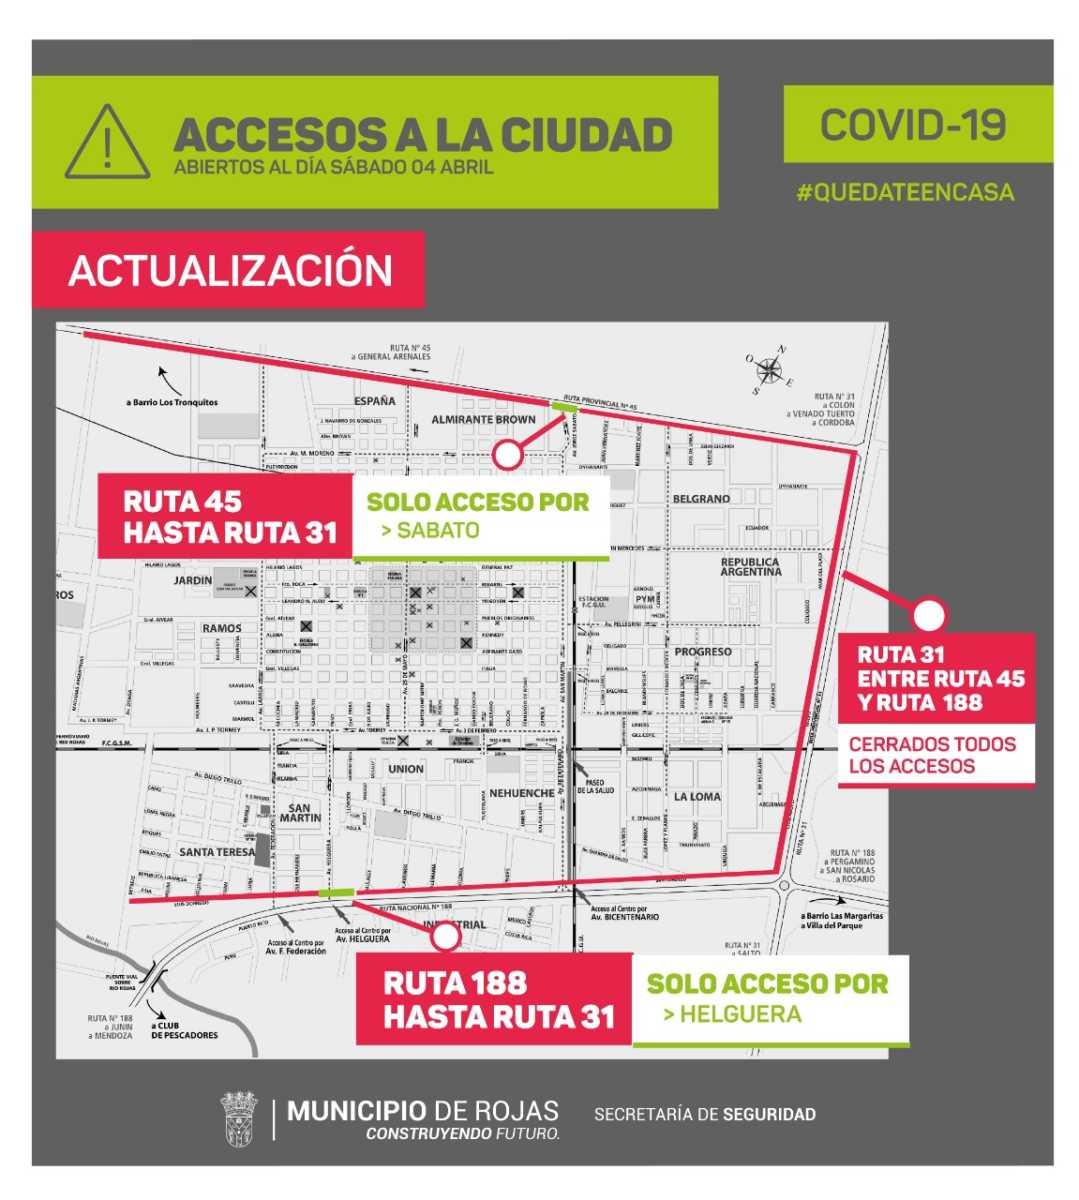 Nuevo mapa de accesos a la ciudad